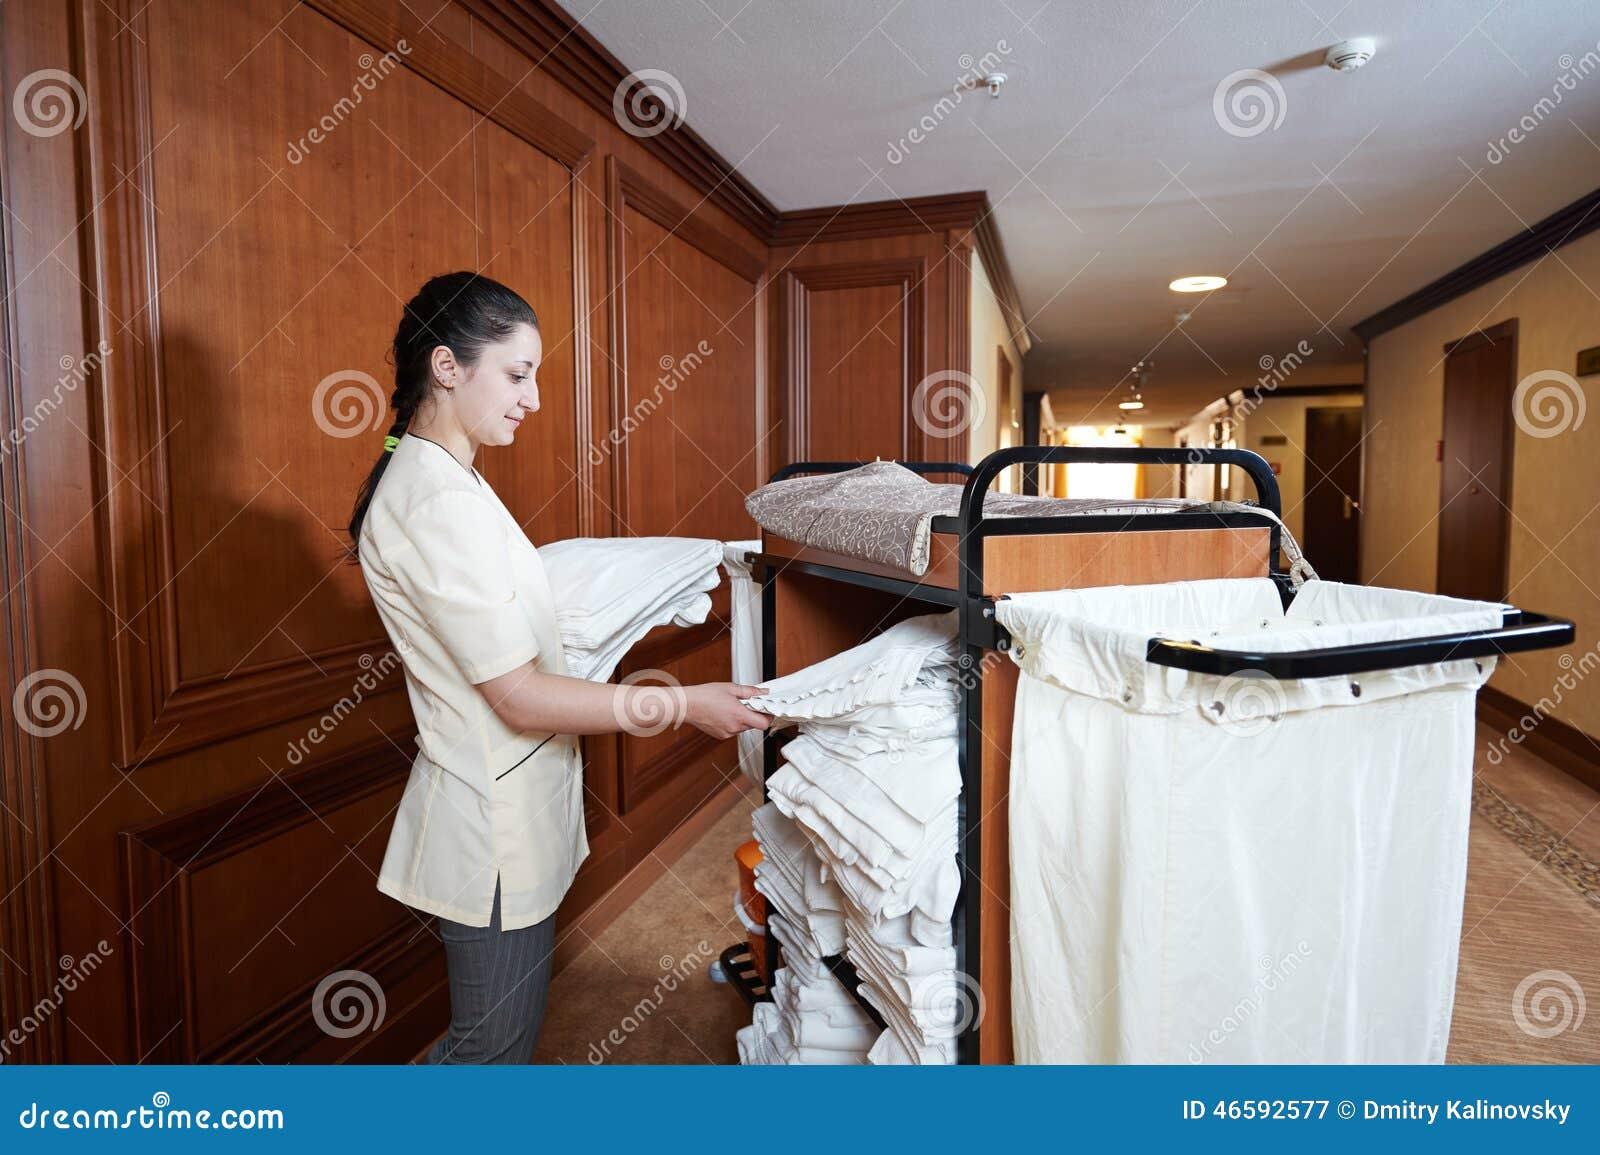 femme de chambre l 39 h tel image stock image du fille 46592577. Black Bedroom Furniture Sets. Home Design Ideas